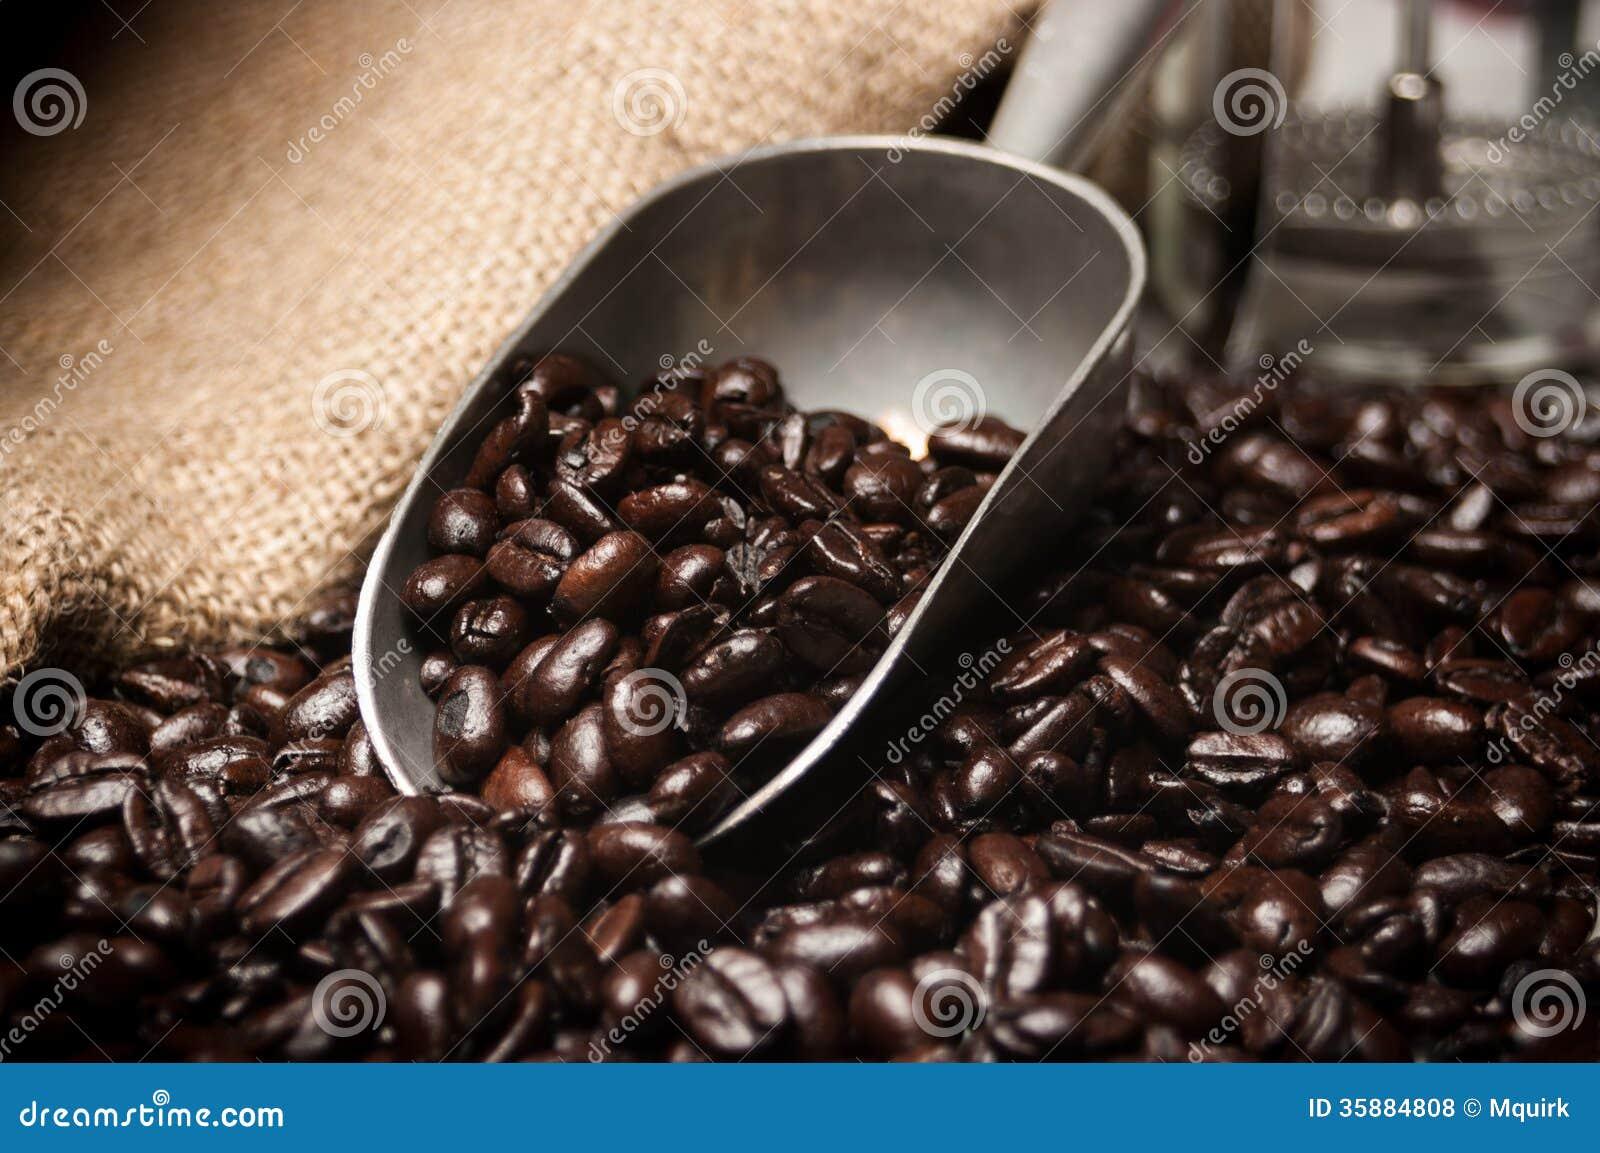 Schaufel von Kaffeebohnen